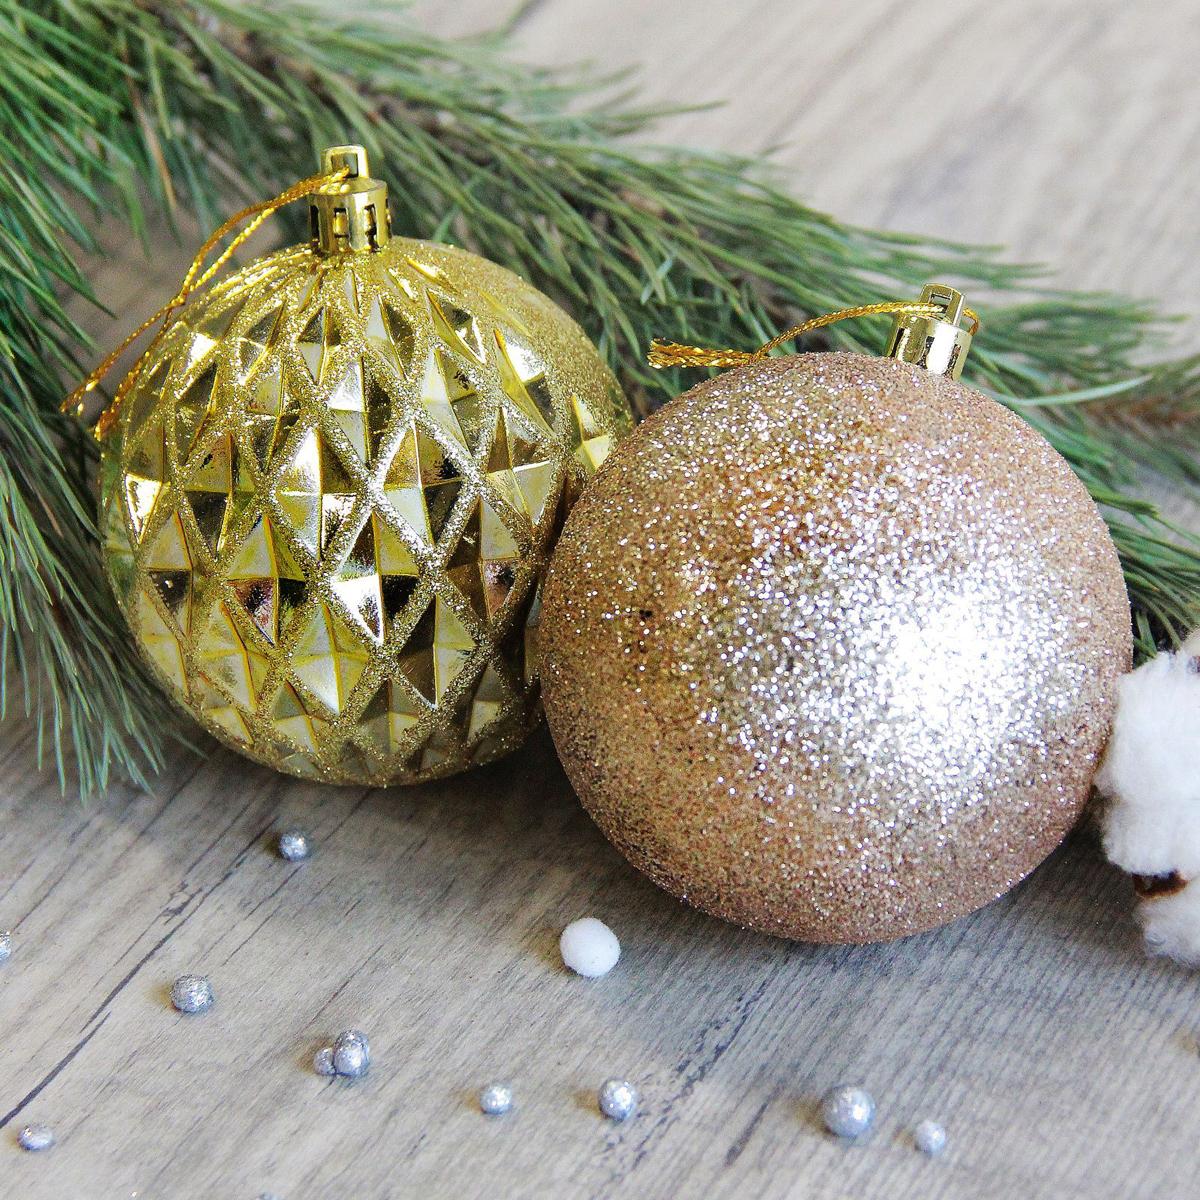 Набор новогодних подвесных украшений Sima-land Золотая посыпка, диаметр 7,5 см, 6 шт2371177Набор новогодних подвесных украшений Sima-land отлично подойдет для декорации вашего дома и новогодней ели. С помощью специальной петельки украшение можно повесить в любом понравившемся вам месте. Но, конечно, удачнее всего оно будет смотреться на праздничной елке. Елочная игрушка - символ Нового года. Она несет в себе волшебство и красоту праздника. Создайте в своем доме атмосферу веселья и радости, украшая новогоднюю елку нарядными игрушками, которые будут из года в год накапливать теплоту воспоминаний.